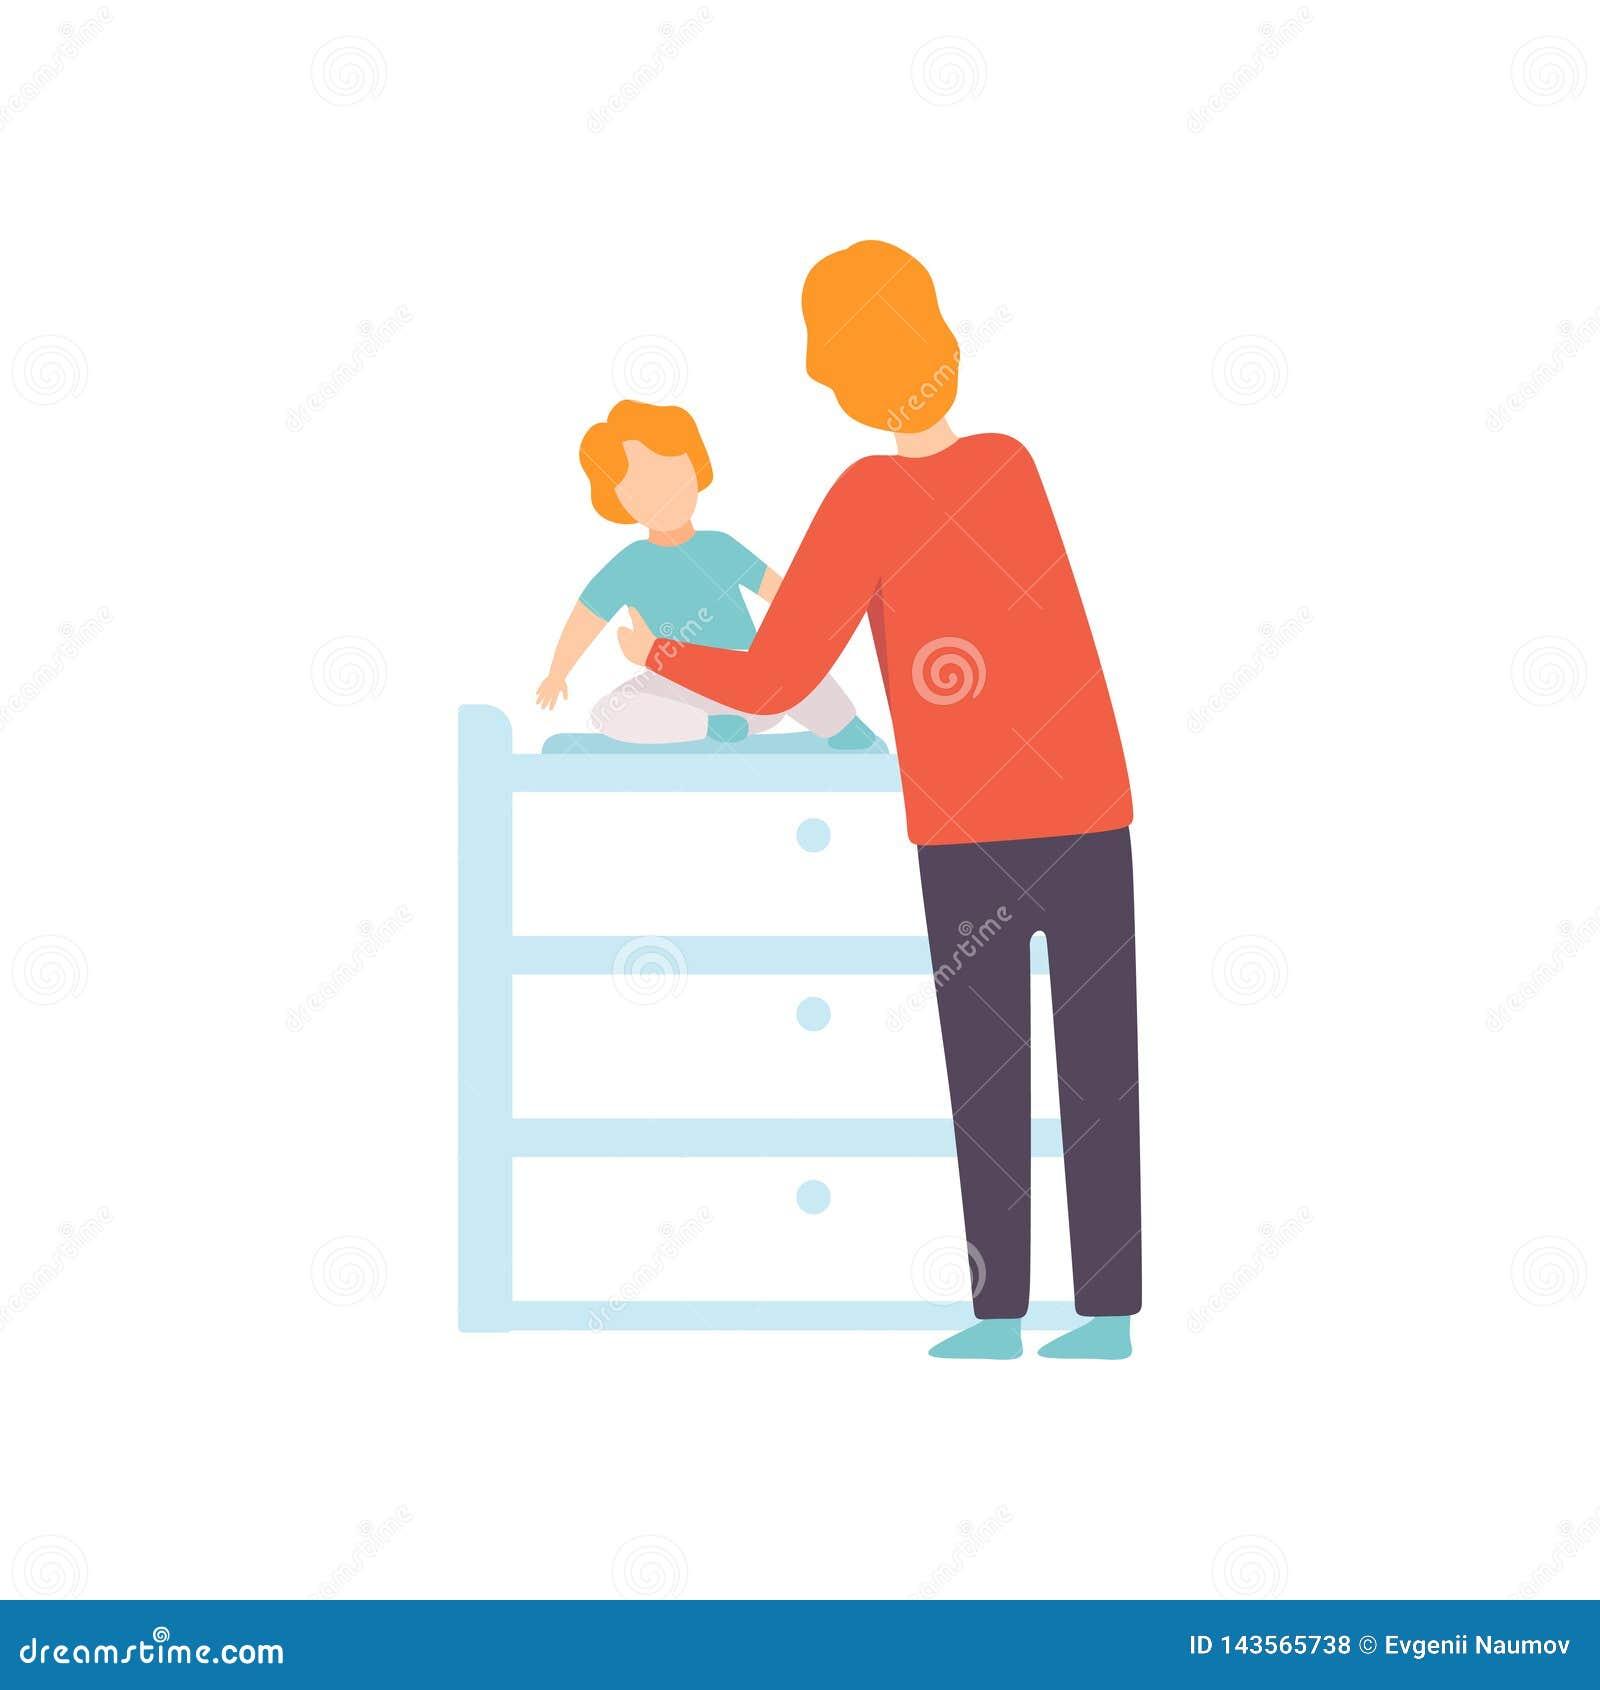 De Baby van vaderdressing his toddler op Veranderende Lijst, Ouder die Zijn Kind Vectorillustratie behandelen